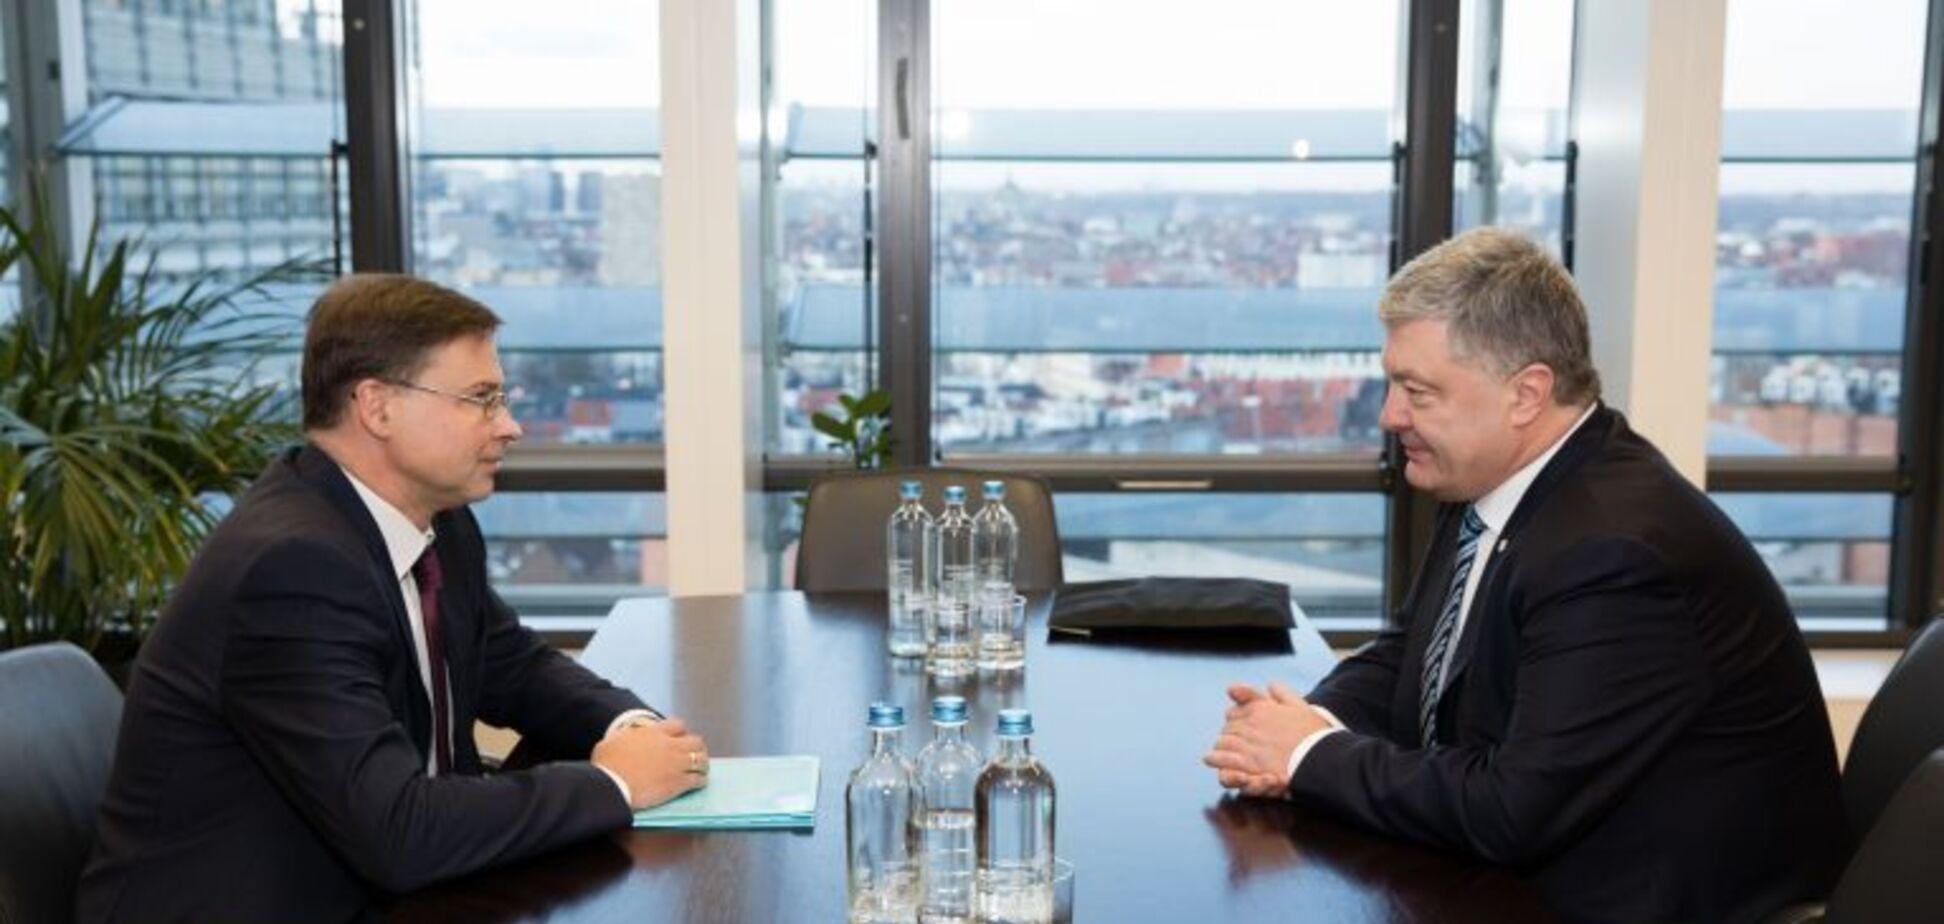 Говорили про інтеграцію з ЄС та санкції проти Росії: Порошенко зустрівся з віцепрезидентом Єврокомісії